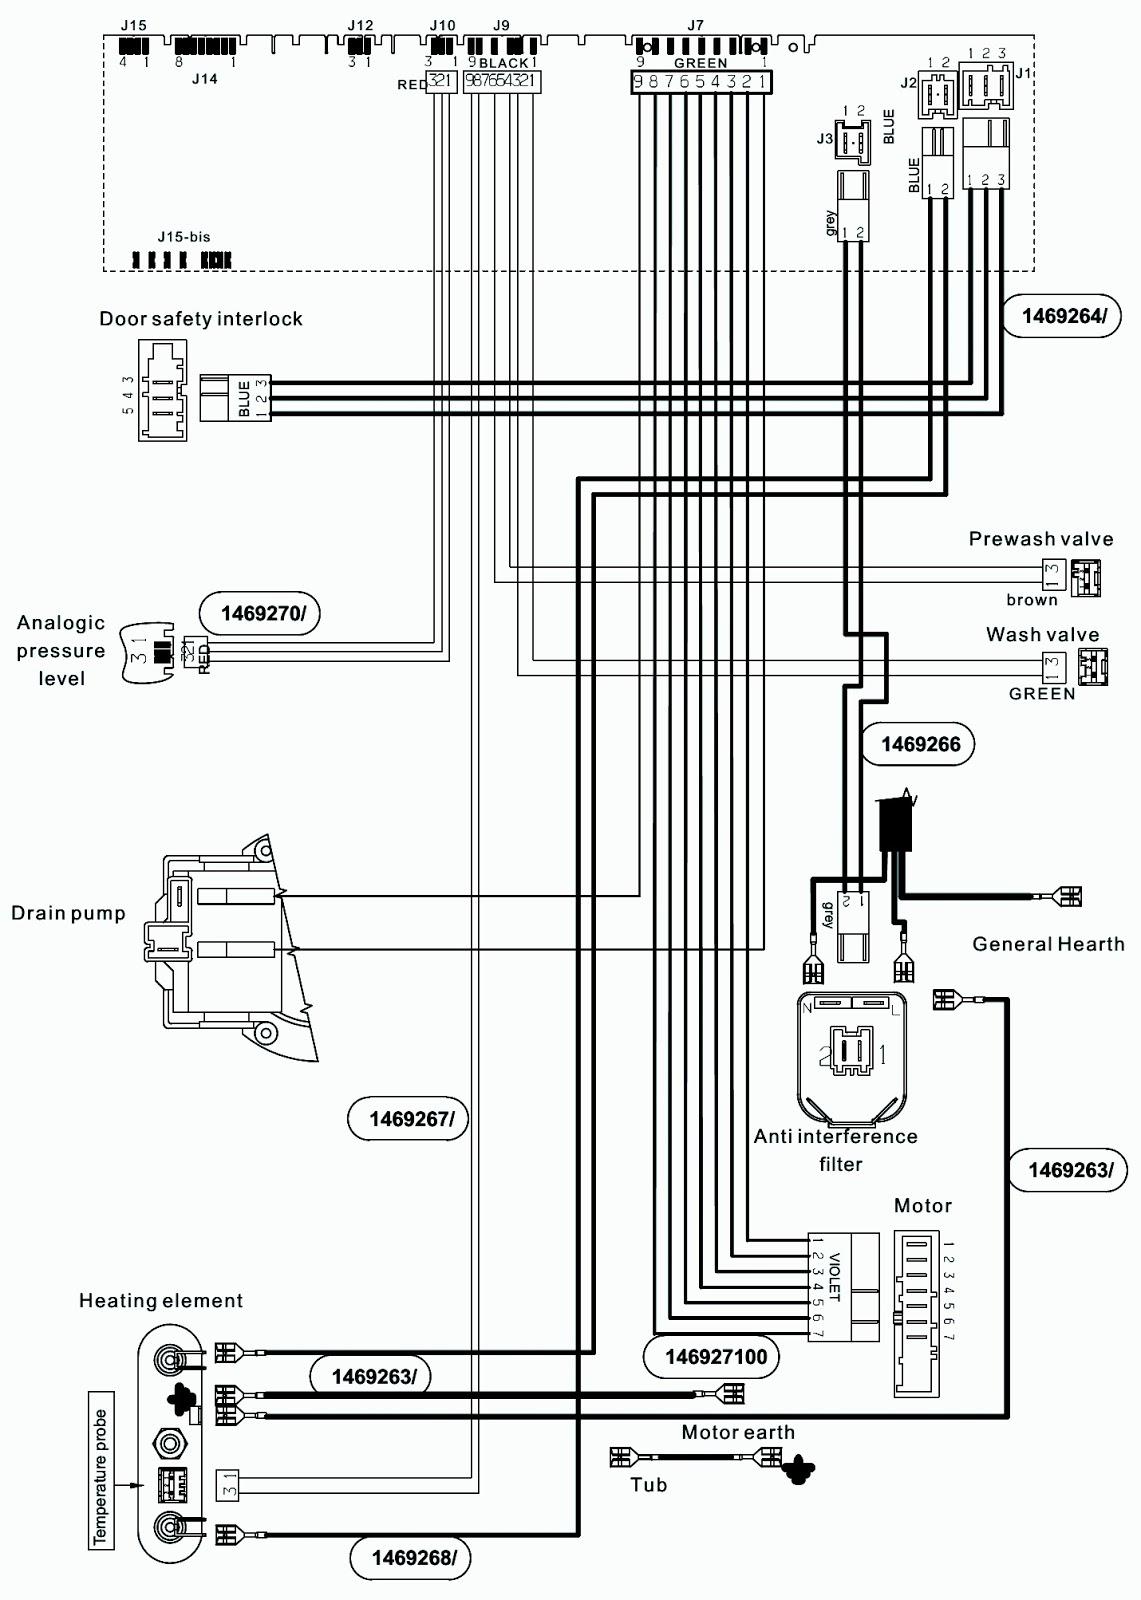 Electrolux Wiring Diagram 2017 Ford F150 Diagrams Ewm1100  Top Loader Washing Machnine